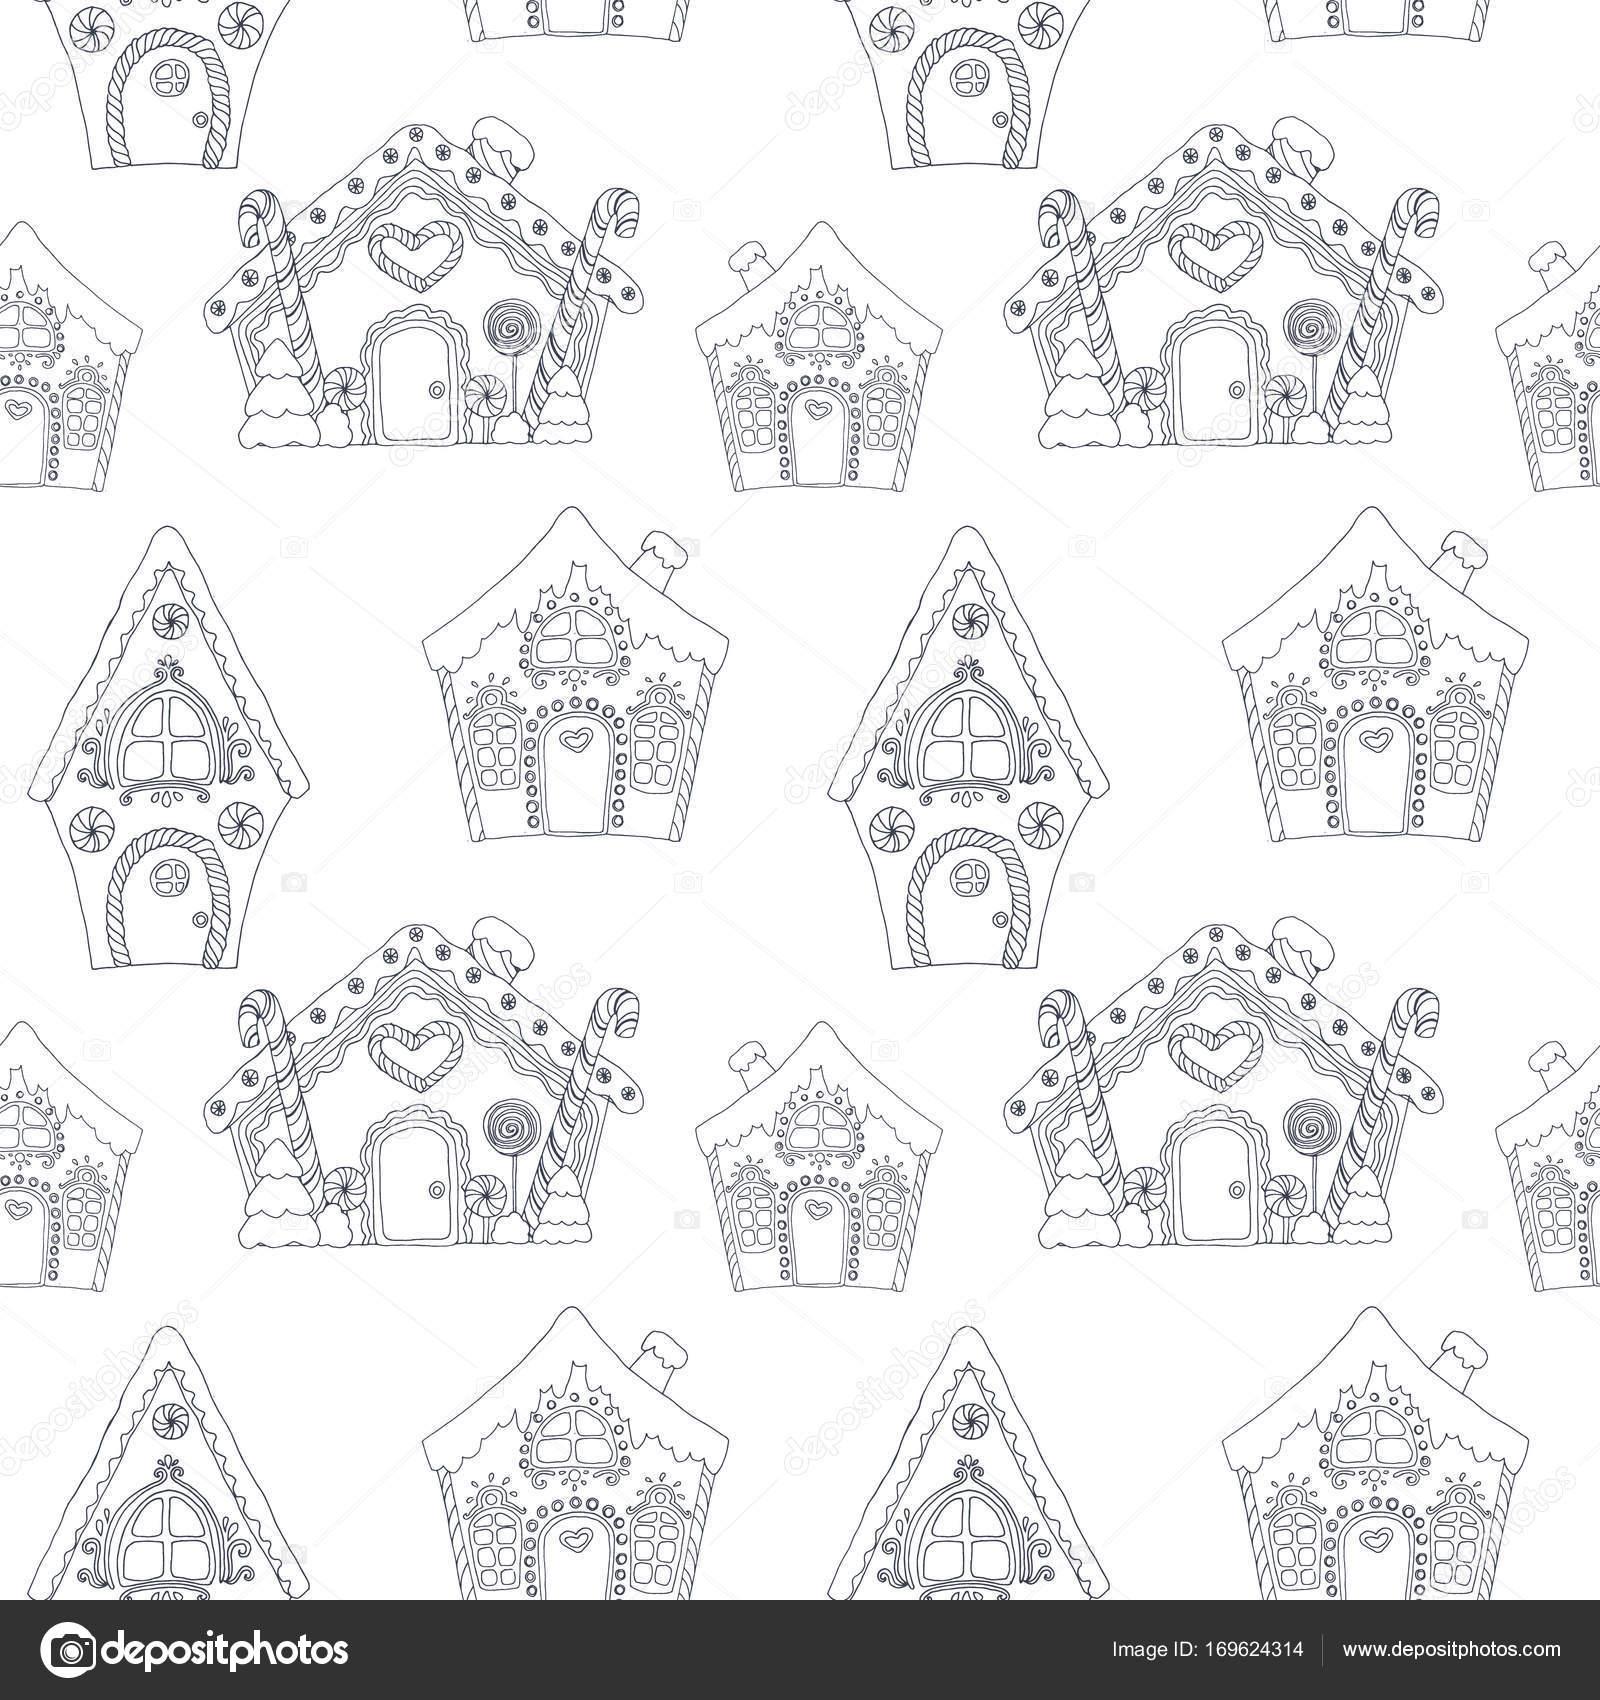 Weihnachten Malvorlagen Seiten Muster — Stockvektor © ZeninaAsya ...